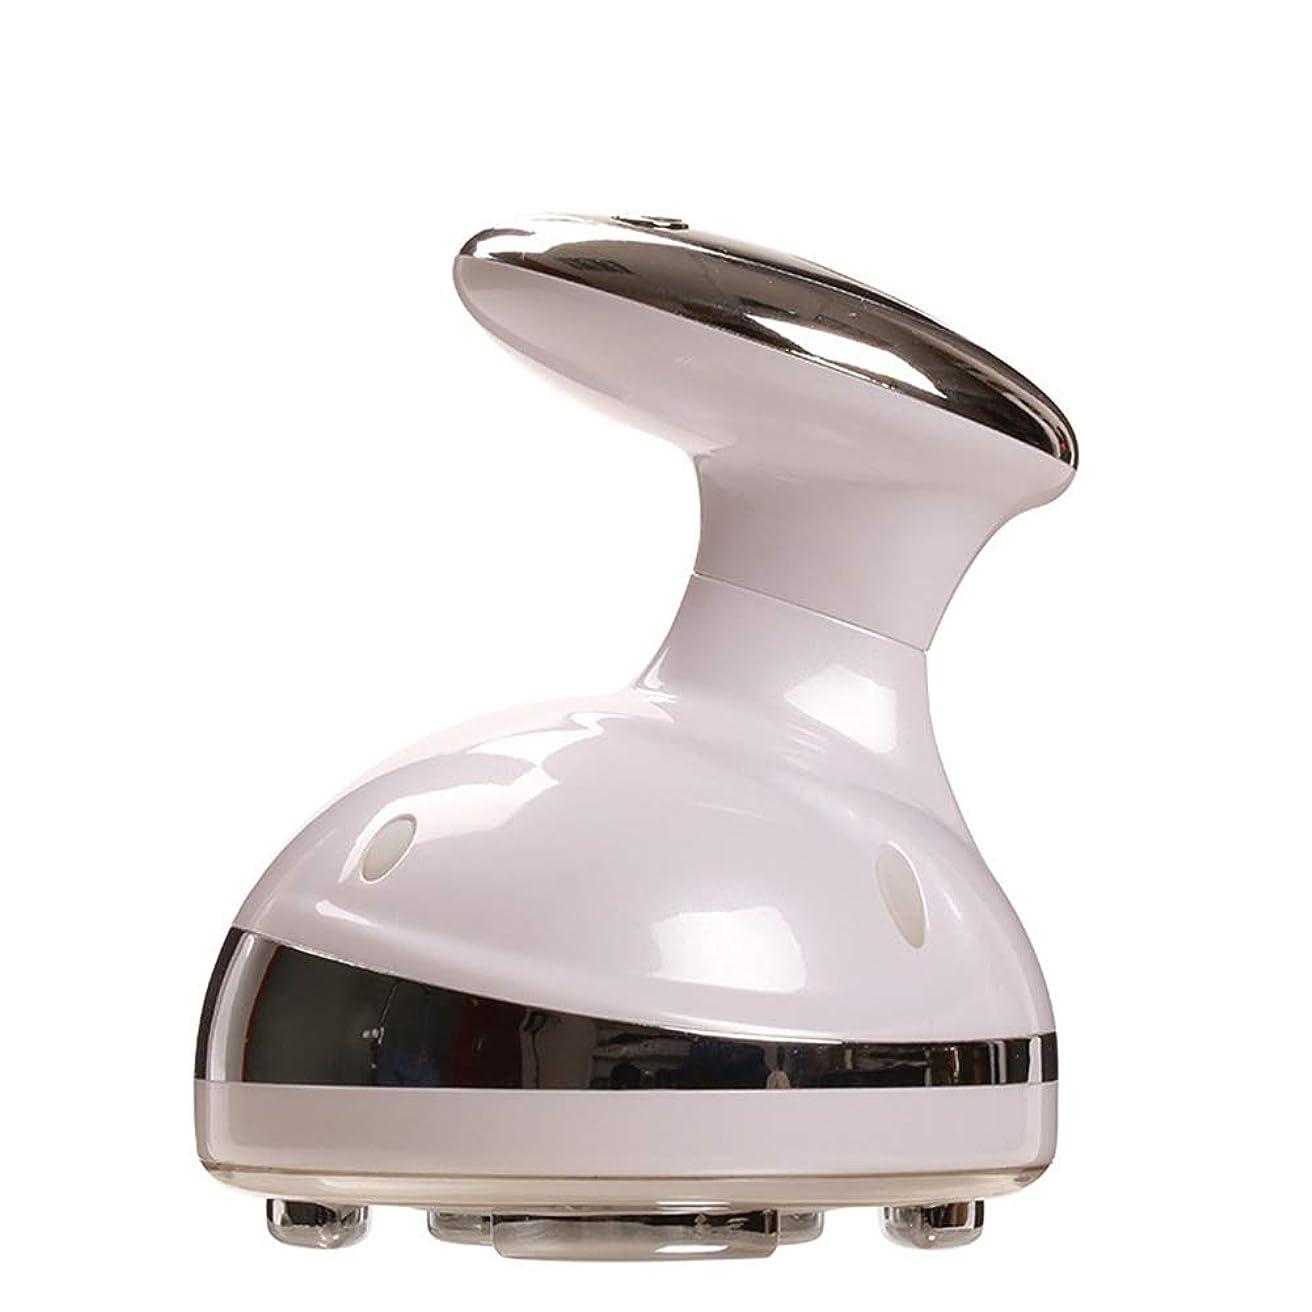 リサイクルするシャーロットブロンテエッセイGQSZ脂肪除去キャビテーション美容機HD LCDレッドライトRFセラピーボディシェーピング超音波マッサージ減量ボディスリミングスキン引き締め,White